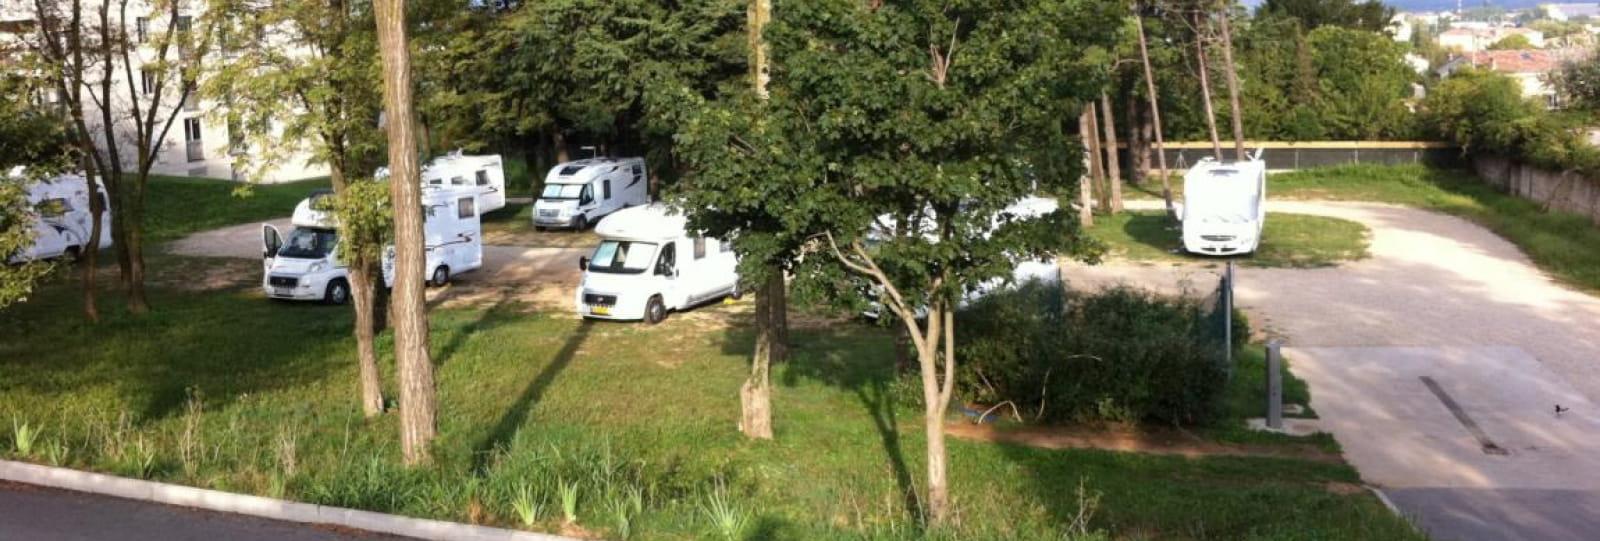 Aire Camping-Cars de Montélimar fermée!